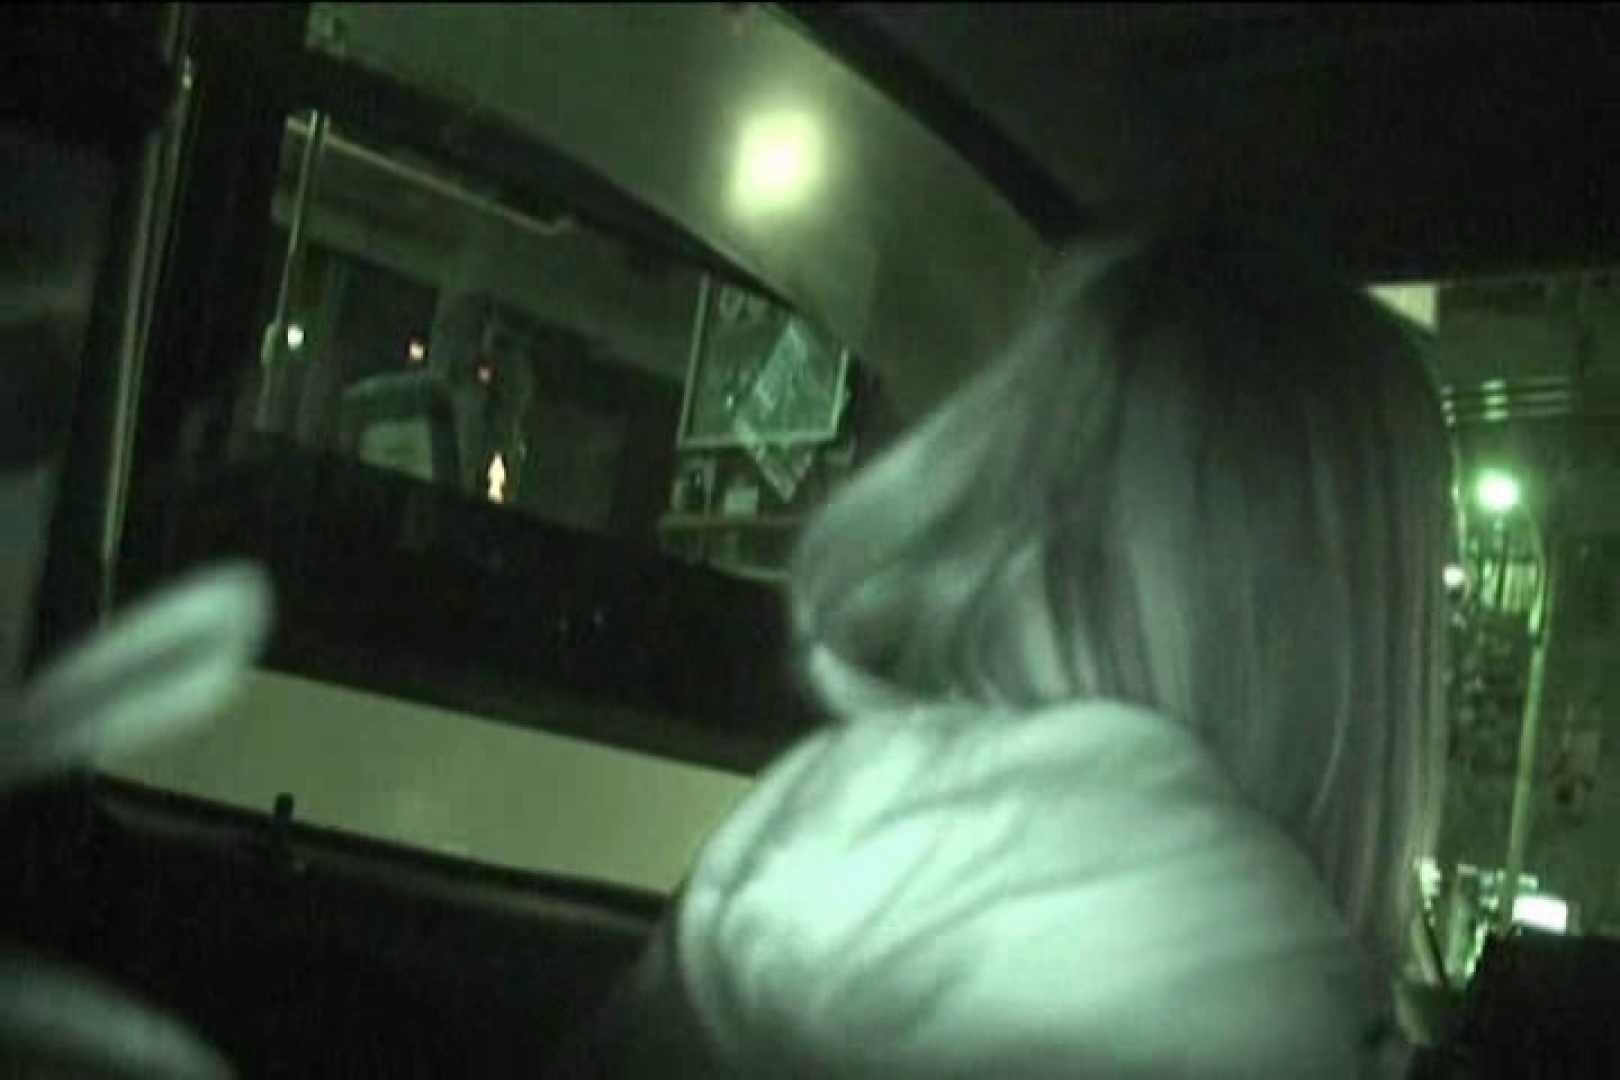 車内で初めまして! vol03 裸体 おまんこ動画流出 94枚 35